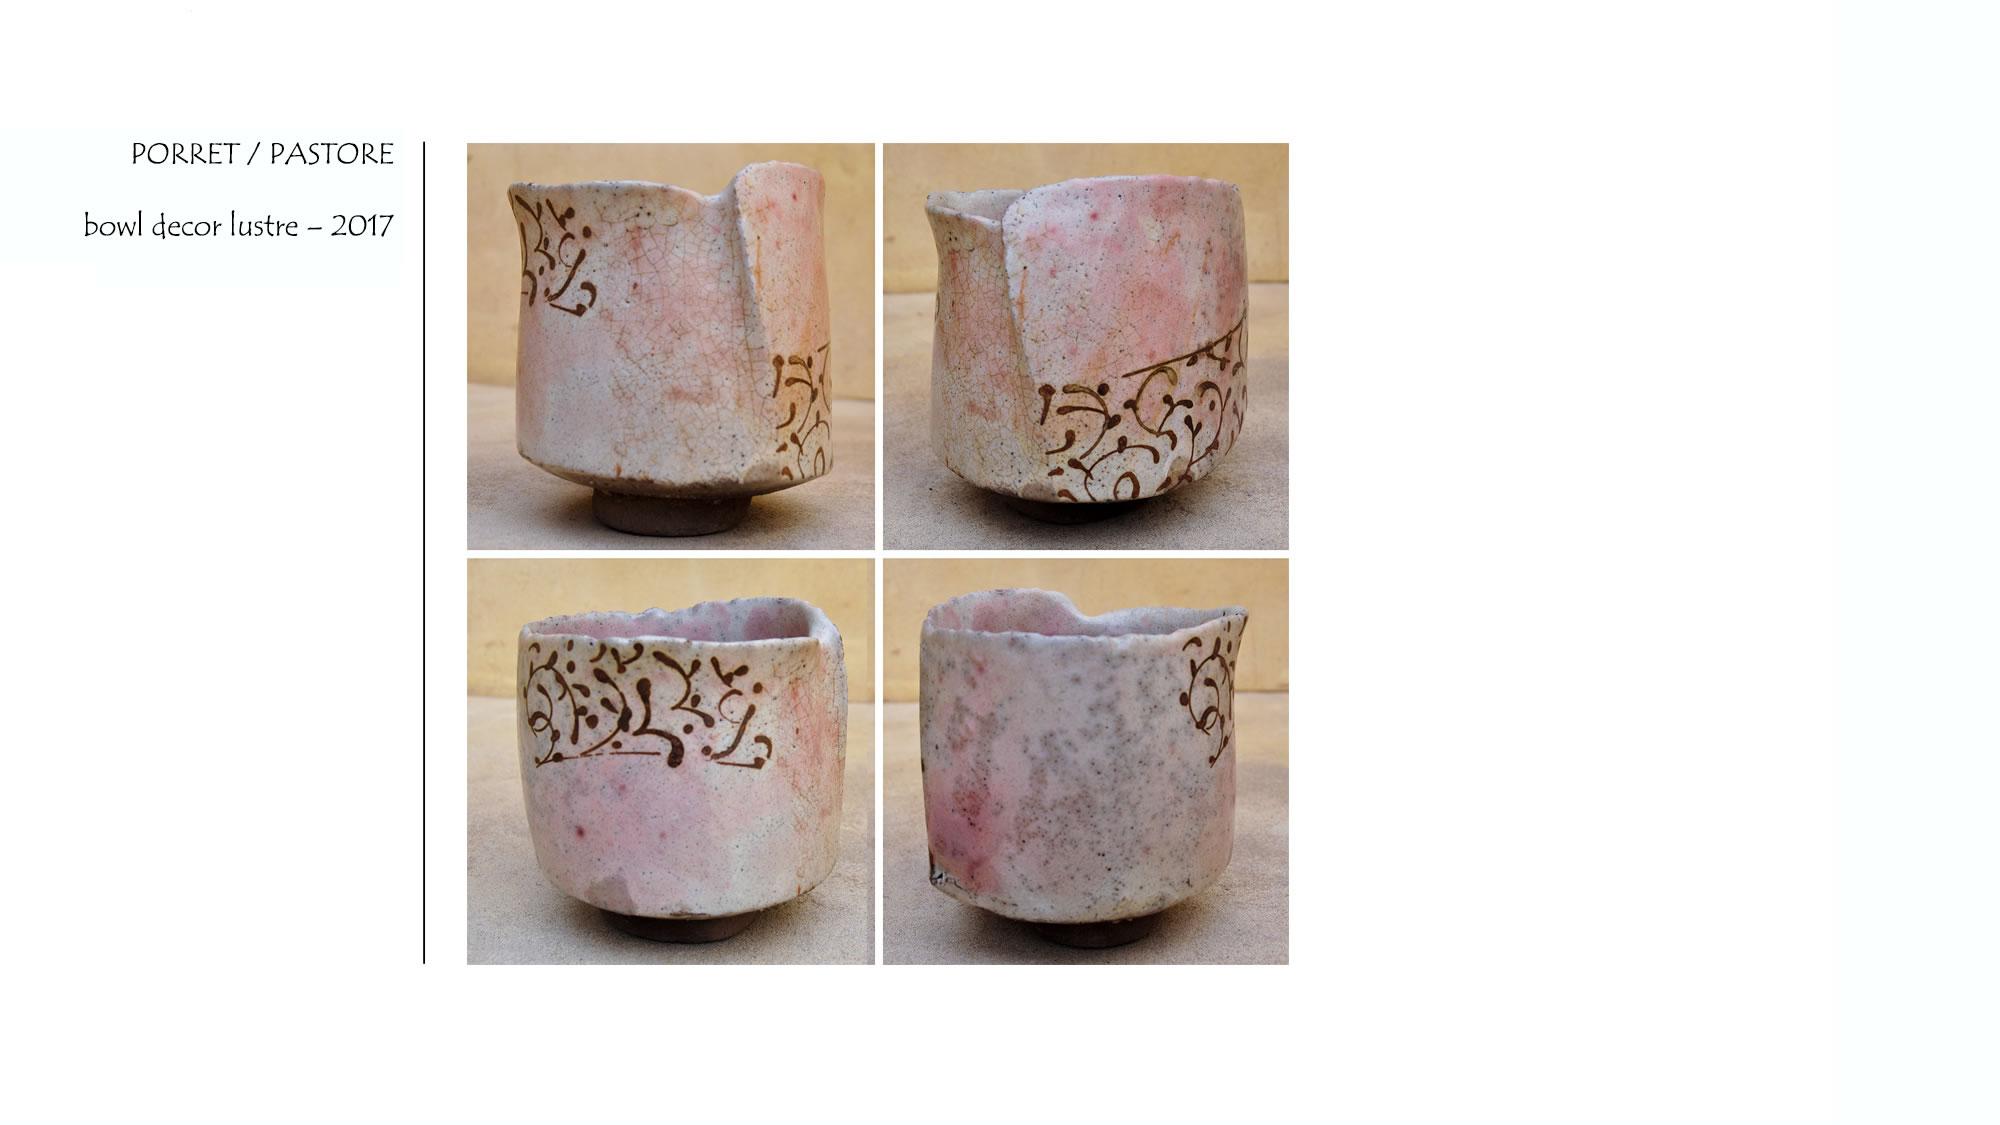 fayoum-pottery-cairo-05.jpg